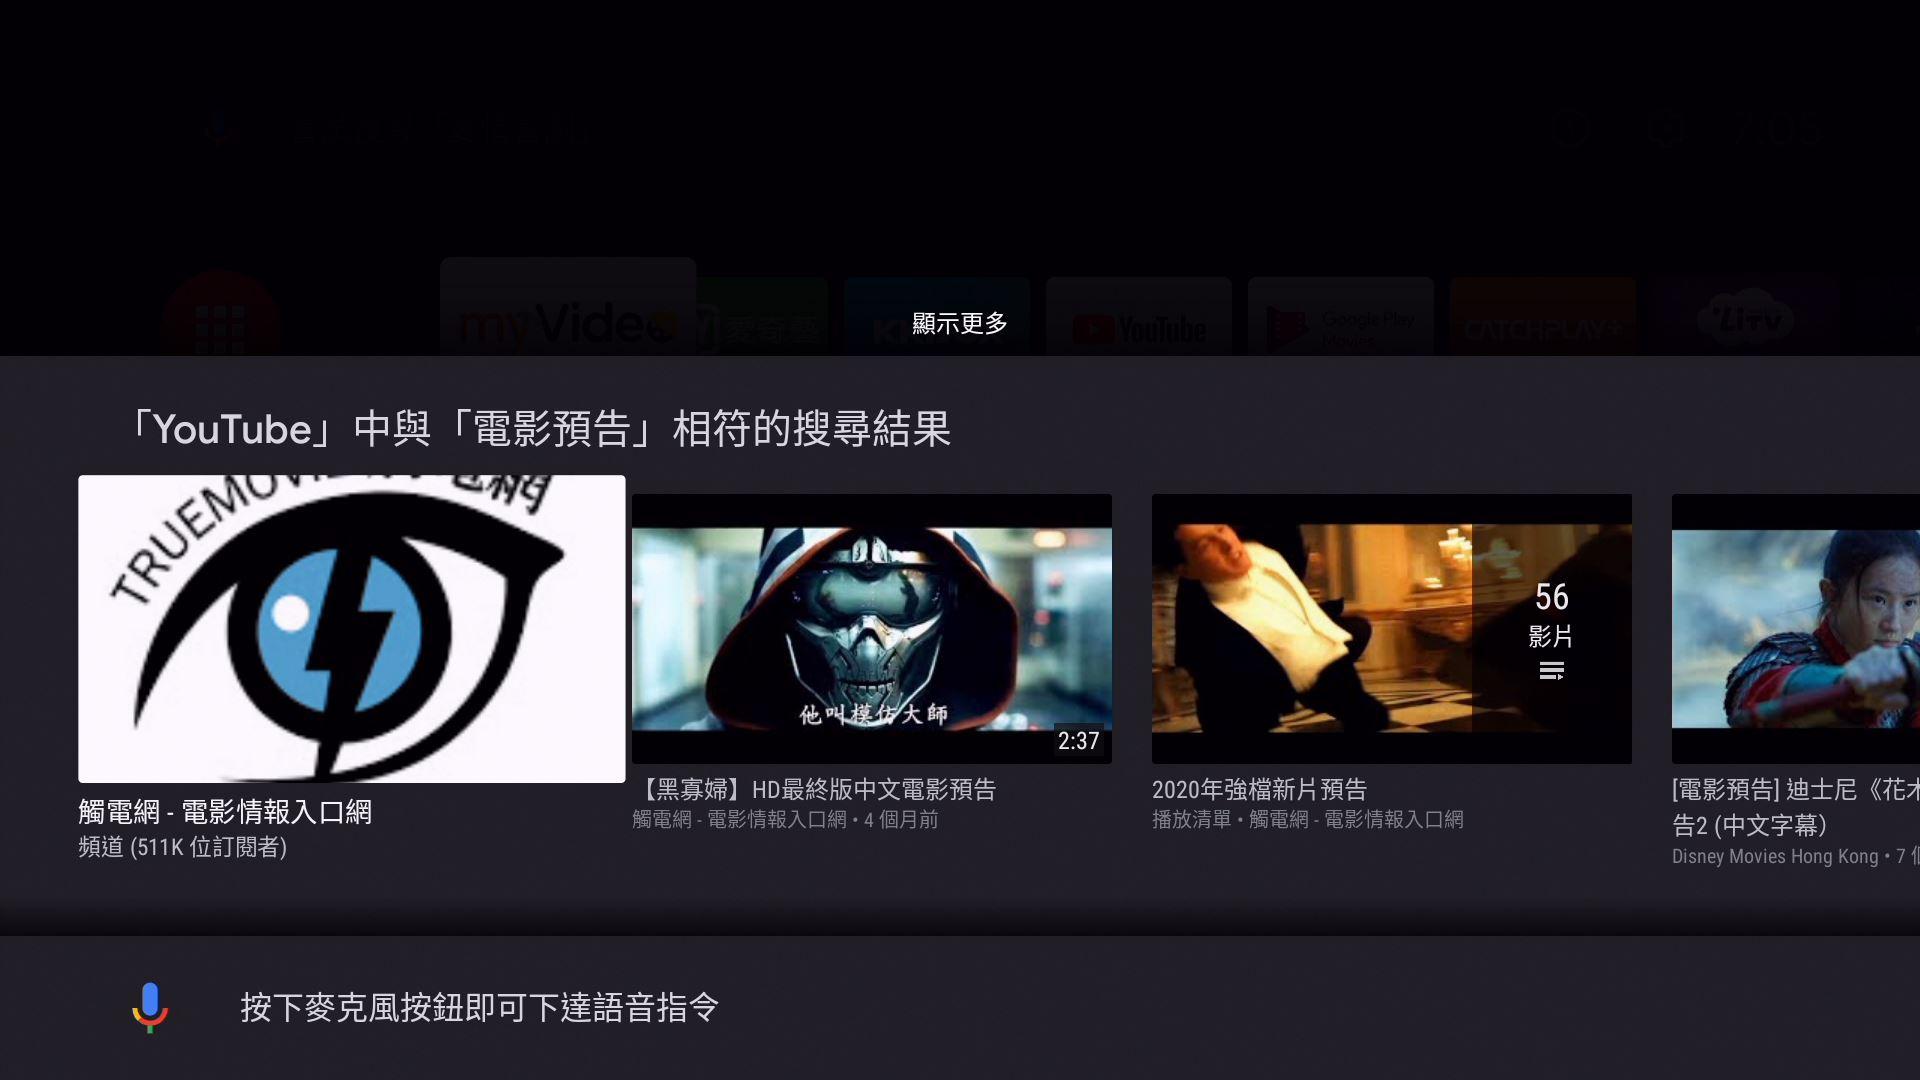 雷爵RockTek G1 4K HDR電視盒-無痛升級Google授權Android TV系統,語音助理免動手 - 41